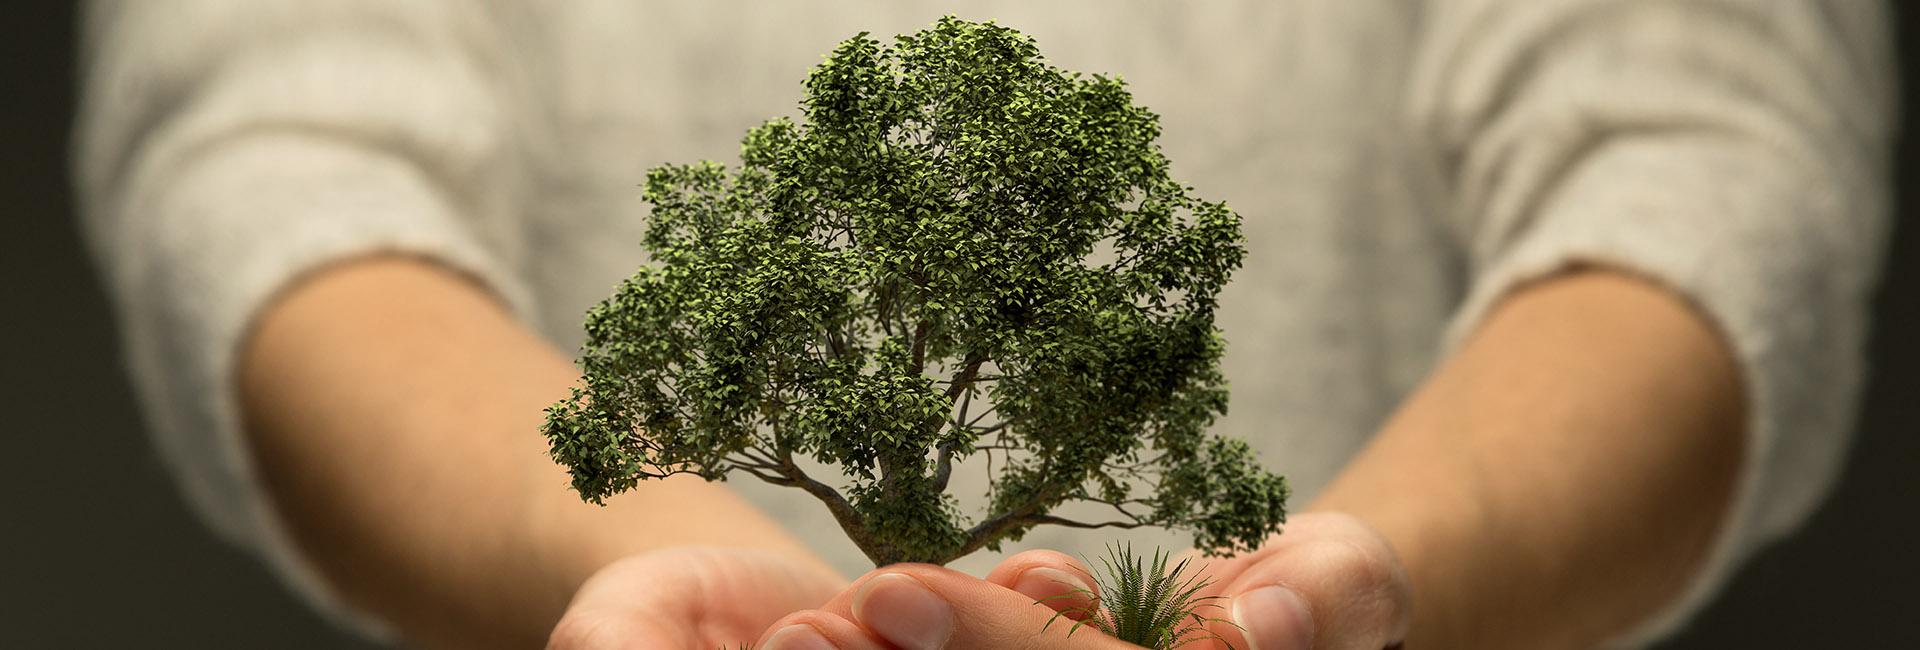 Hände halten Baum